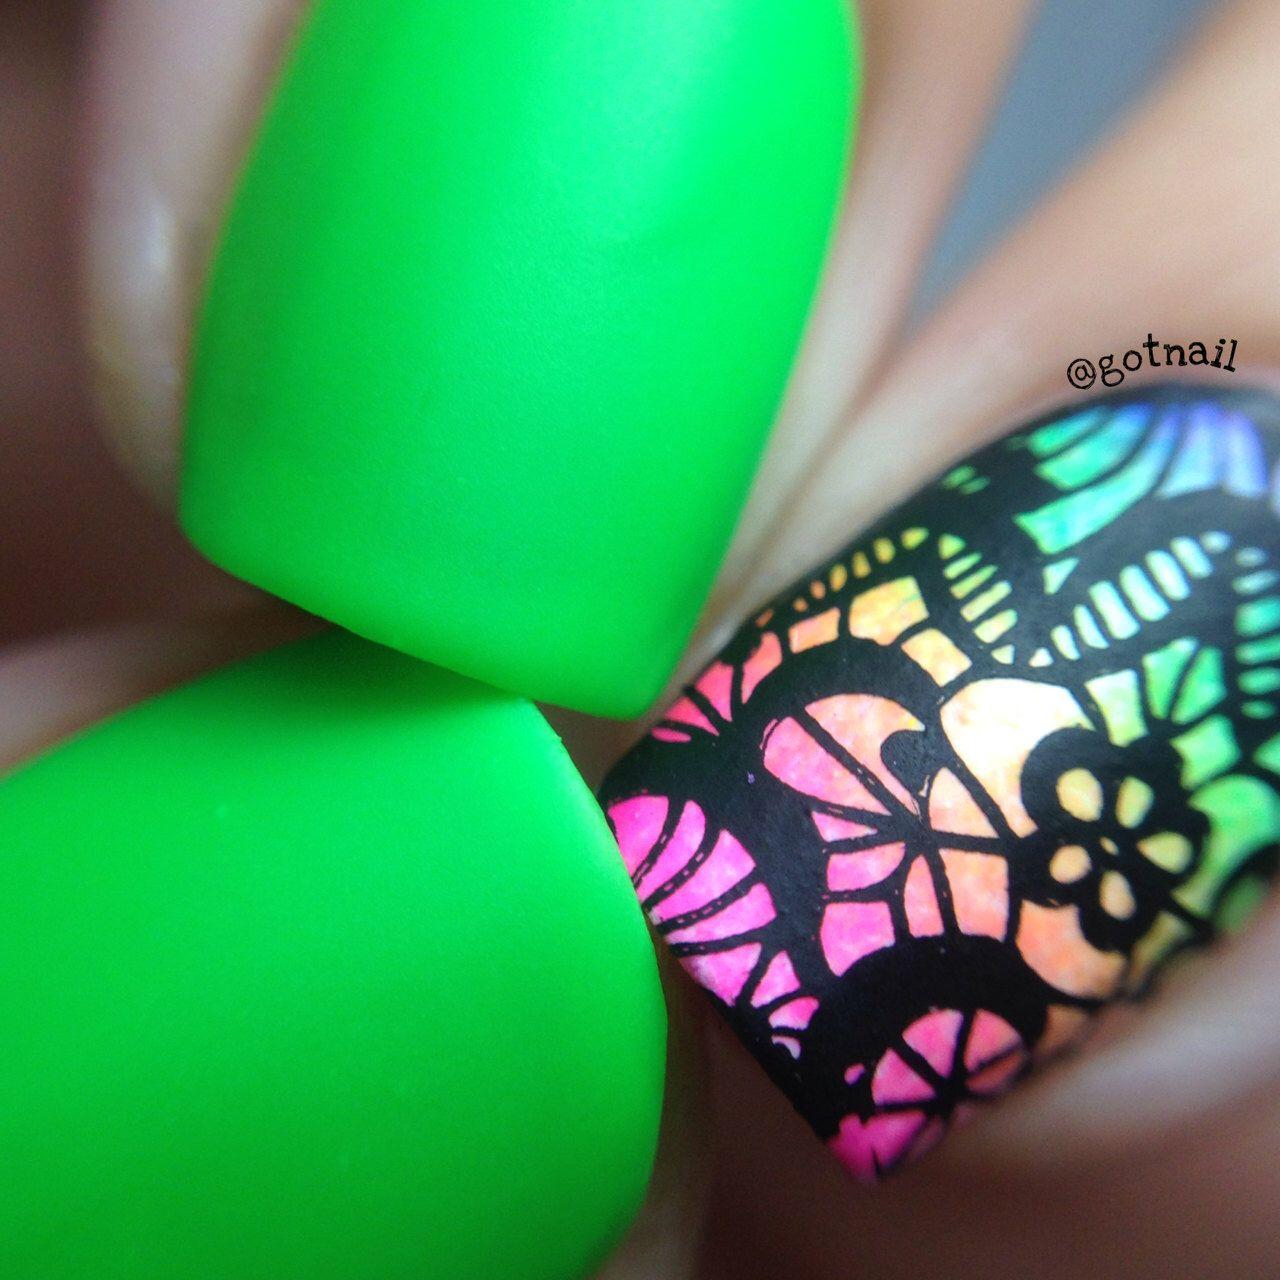 MATTE Neon Green Nail Polish – Glow in the Dark Nail Polish – Vegan Nail Lacquer – Nail Art – Nails – Talented – 5 Free – Vegan Makeup